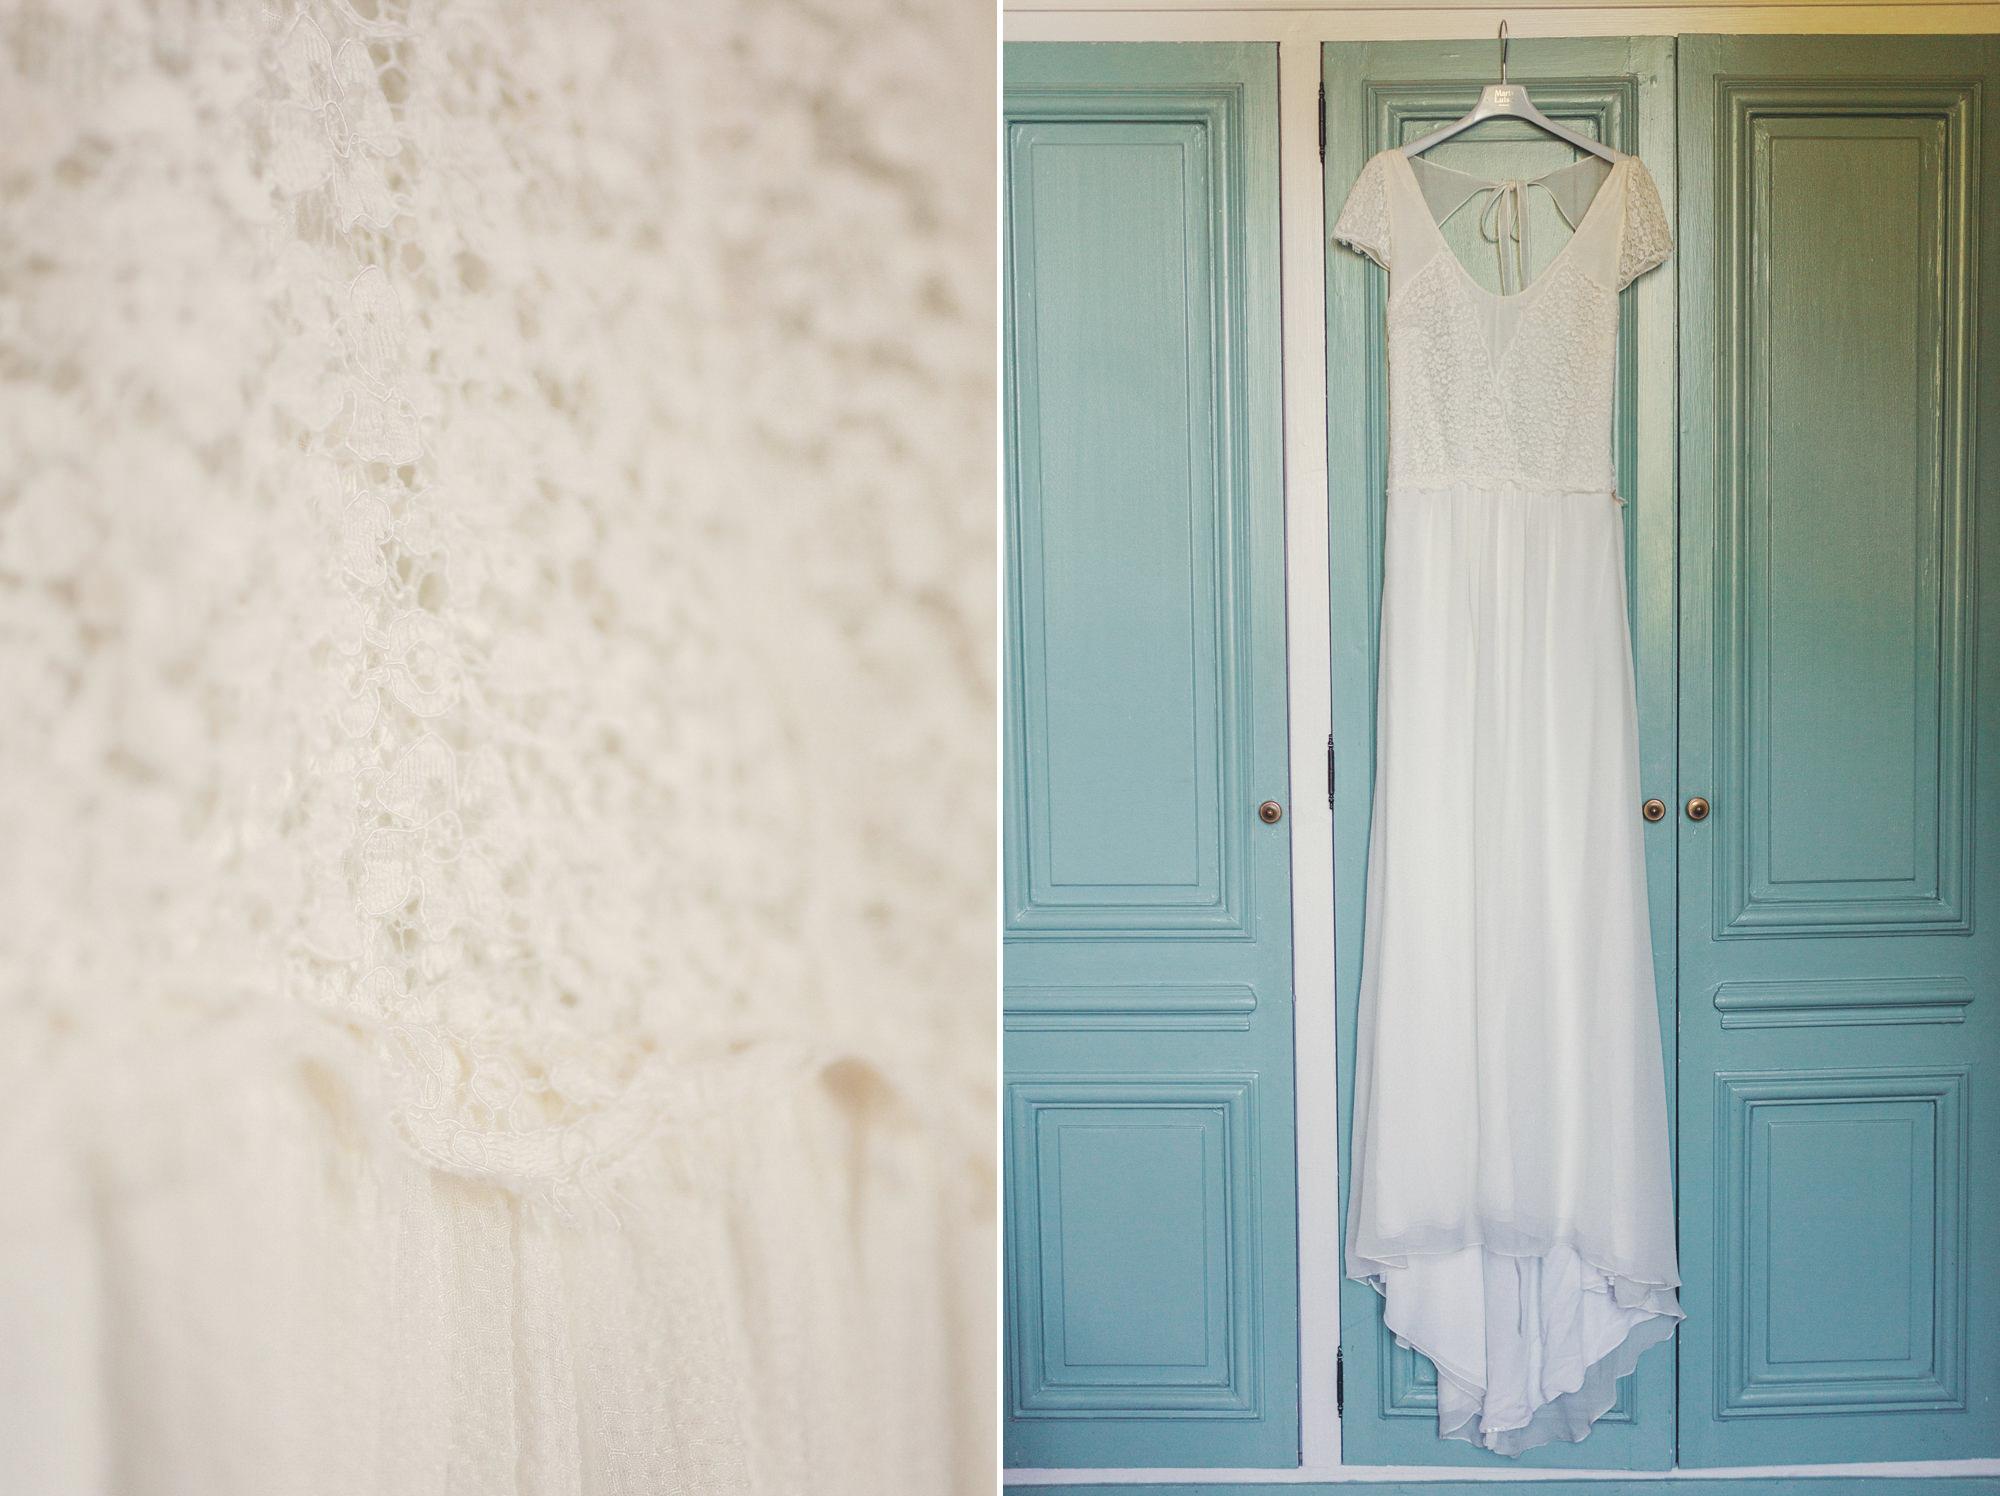 Mariage au Chateau d'Ermenonville@Anne-Claire Brun 21